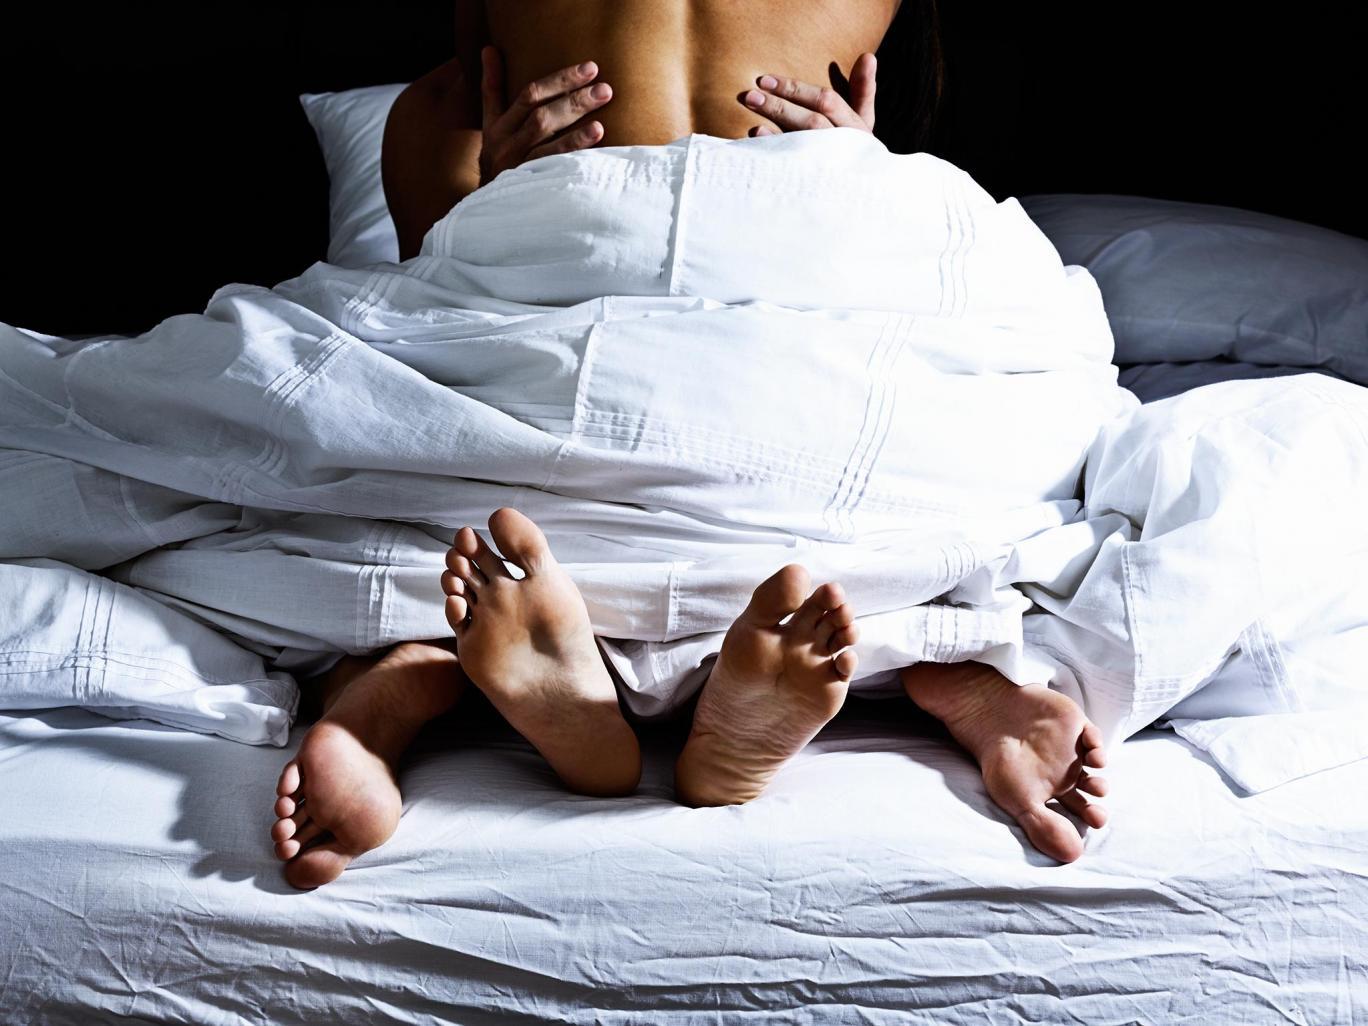 Канадское секс фото, полнометражные российские порнофильмы на русском языке